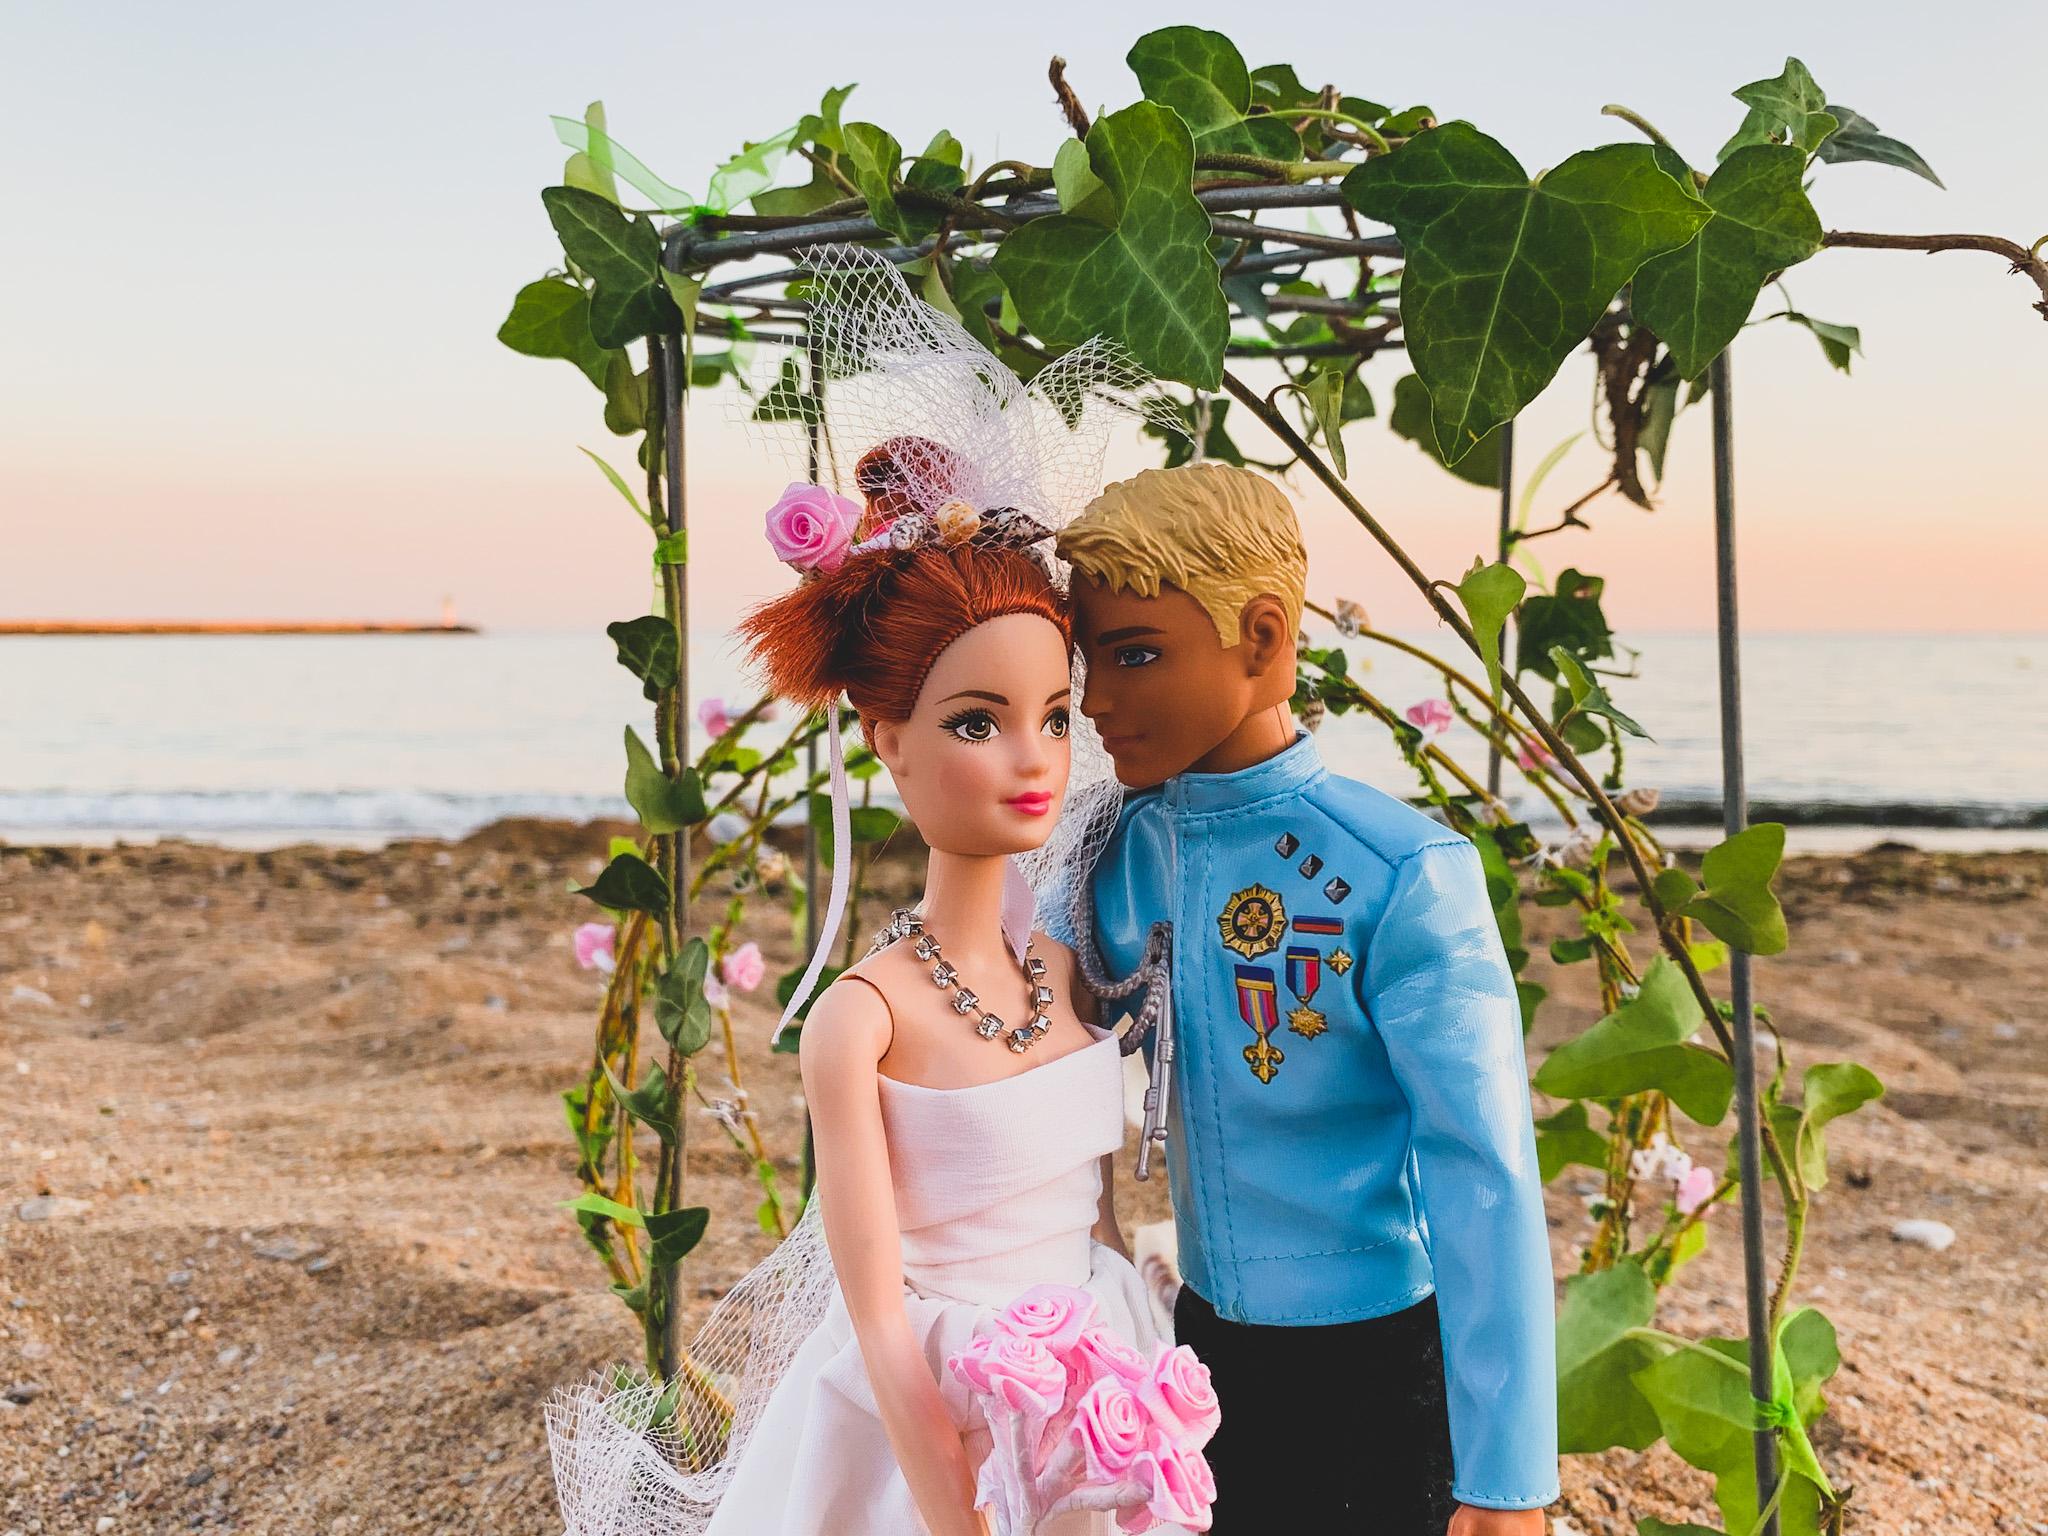 Le mariage de Barbie et Ken : la cérémonie laïque sur la plage - © Jolies Cérémonies